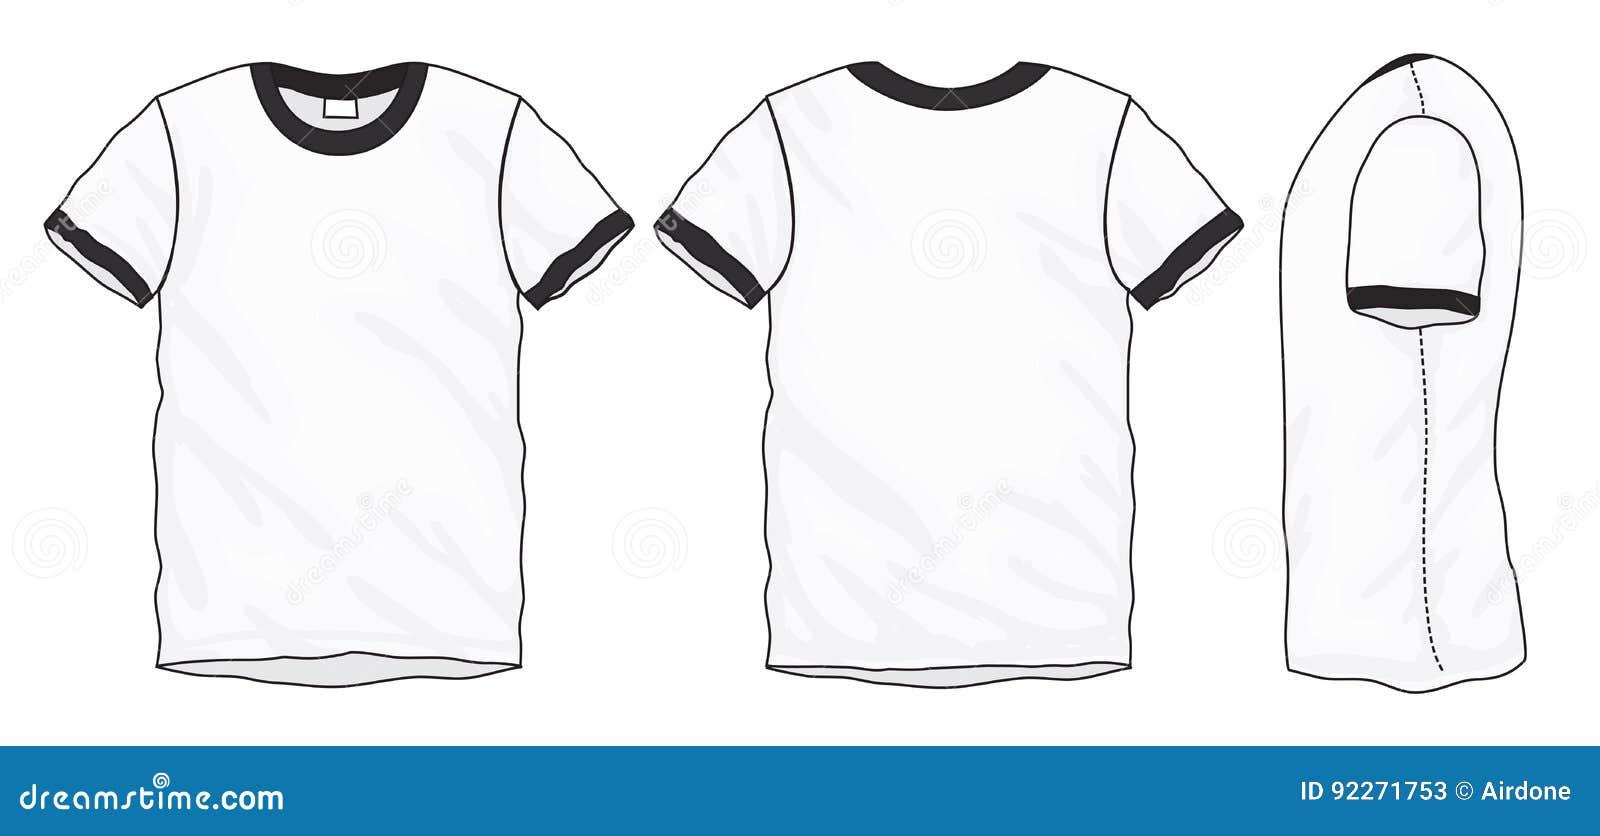 black white ringer t shirt design template stock vector